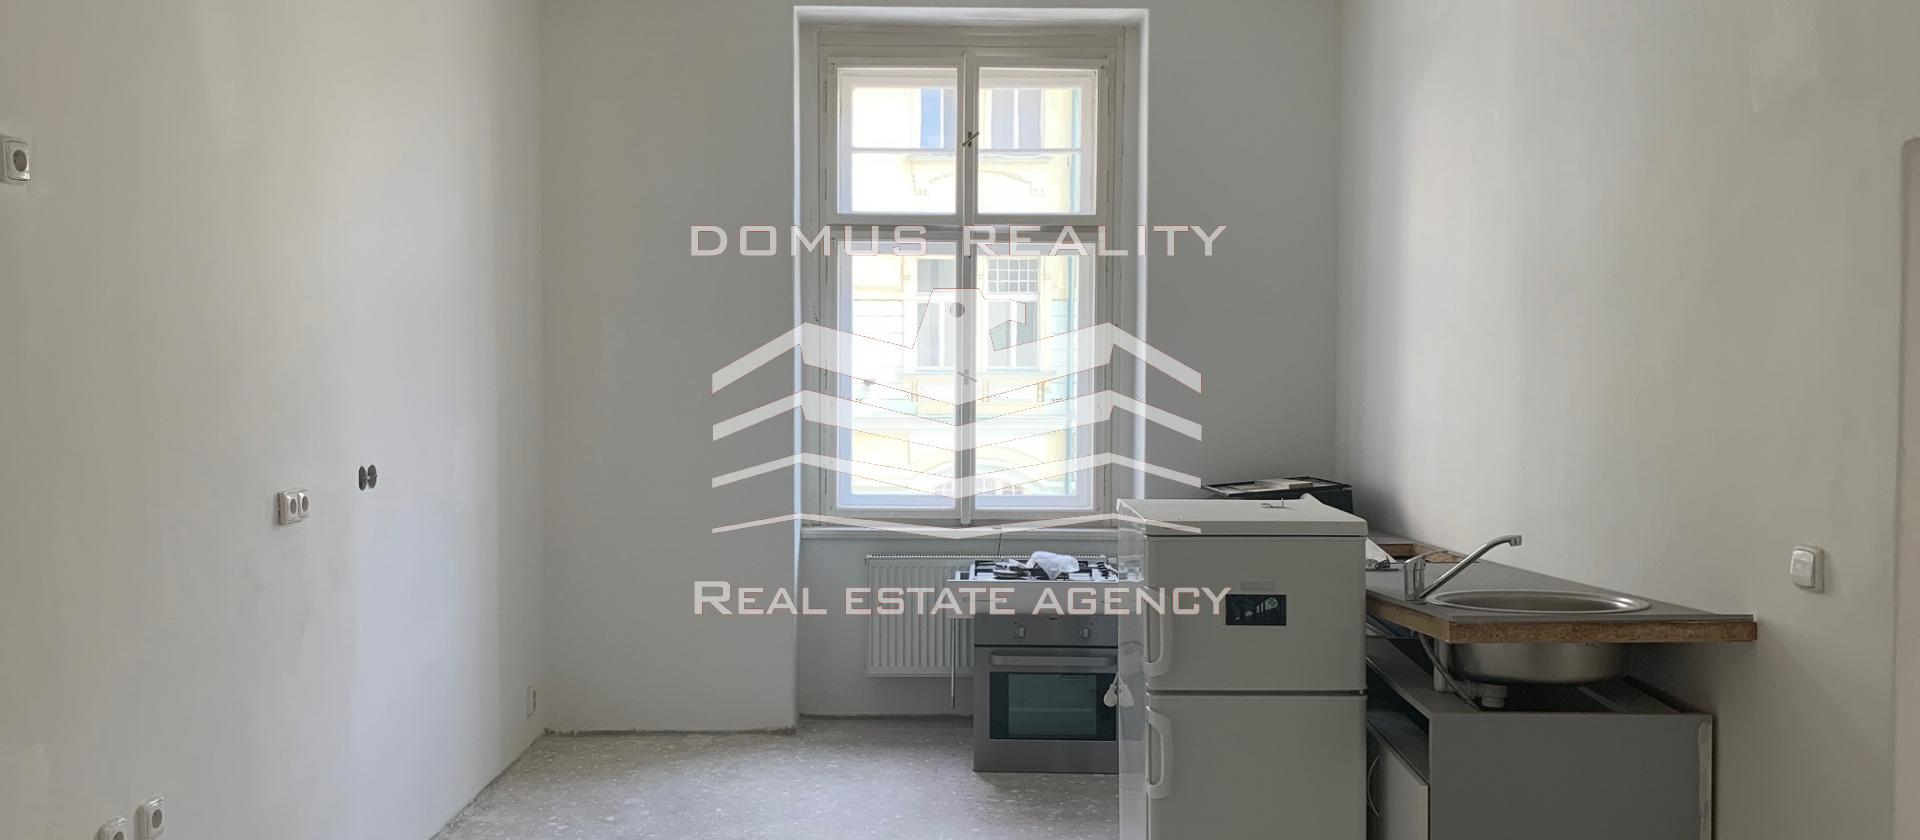 Nabízíme k prodeji slunný, prostorný byt 3+1/2x balkon, 145 m2, OV, Praha 3 - Vinohrady, ul. Slezská.